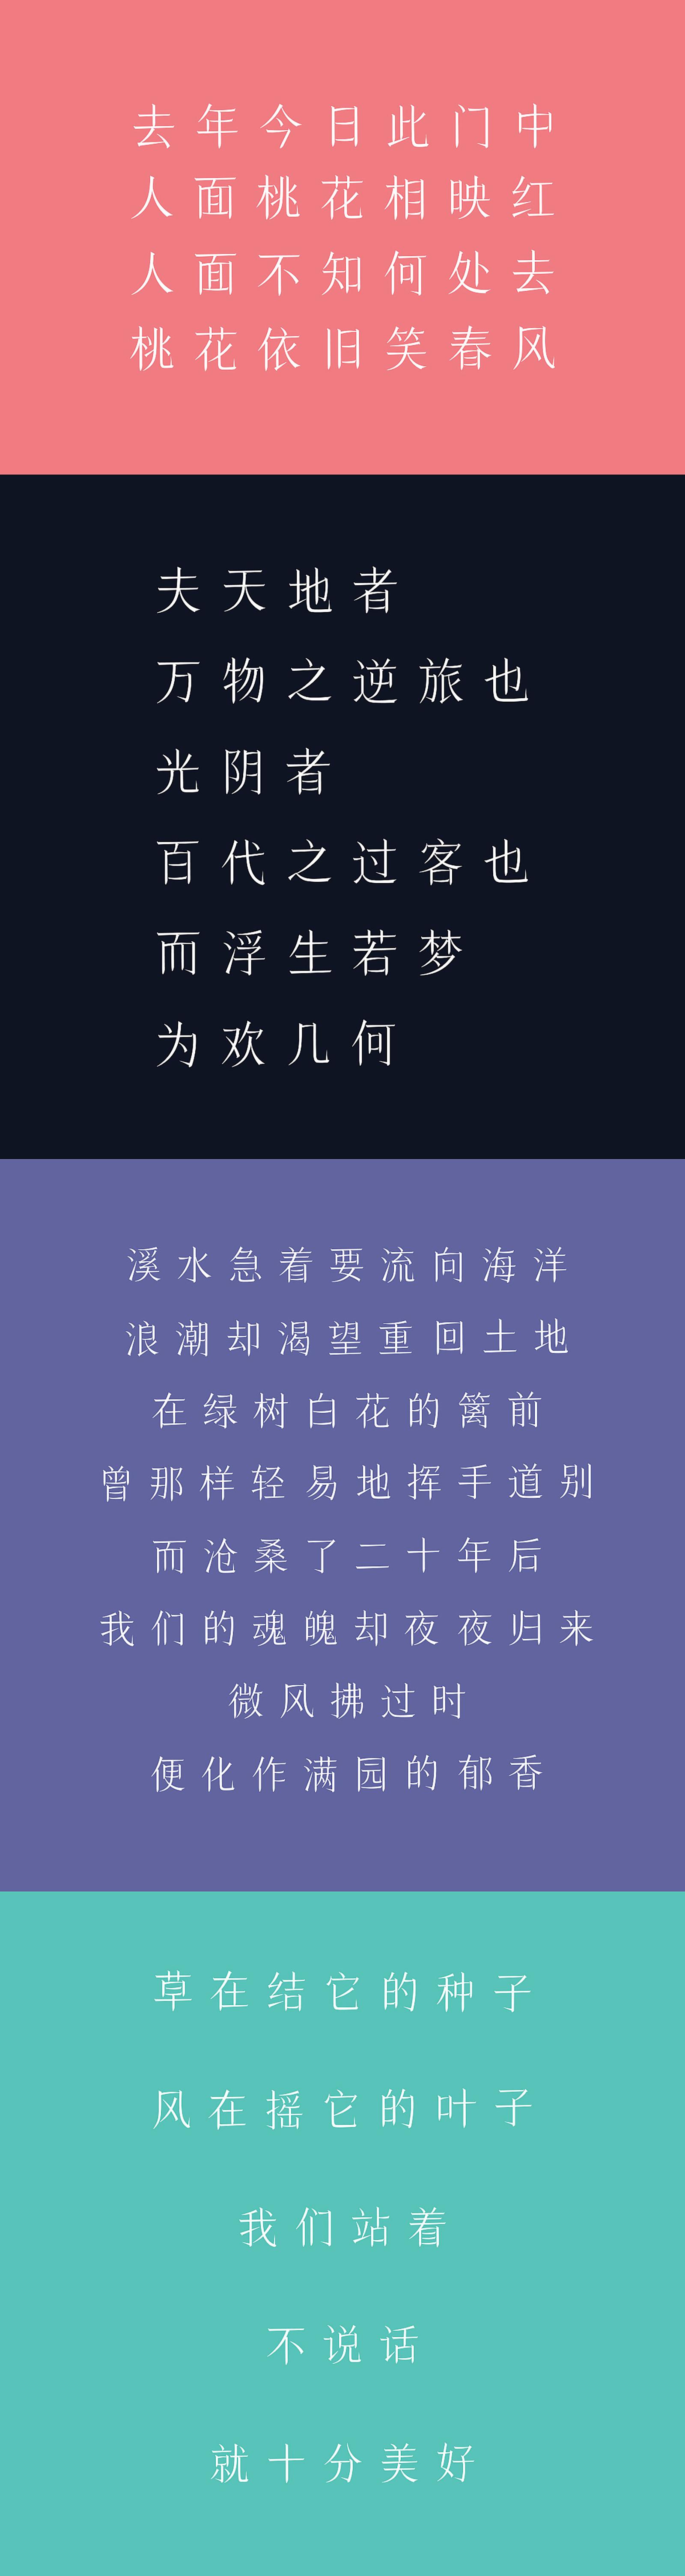 2019新字体:刘兵克春风体-深圳vi设计2